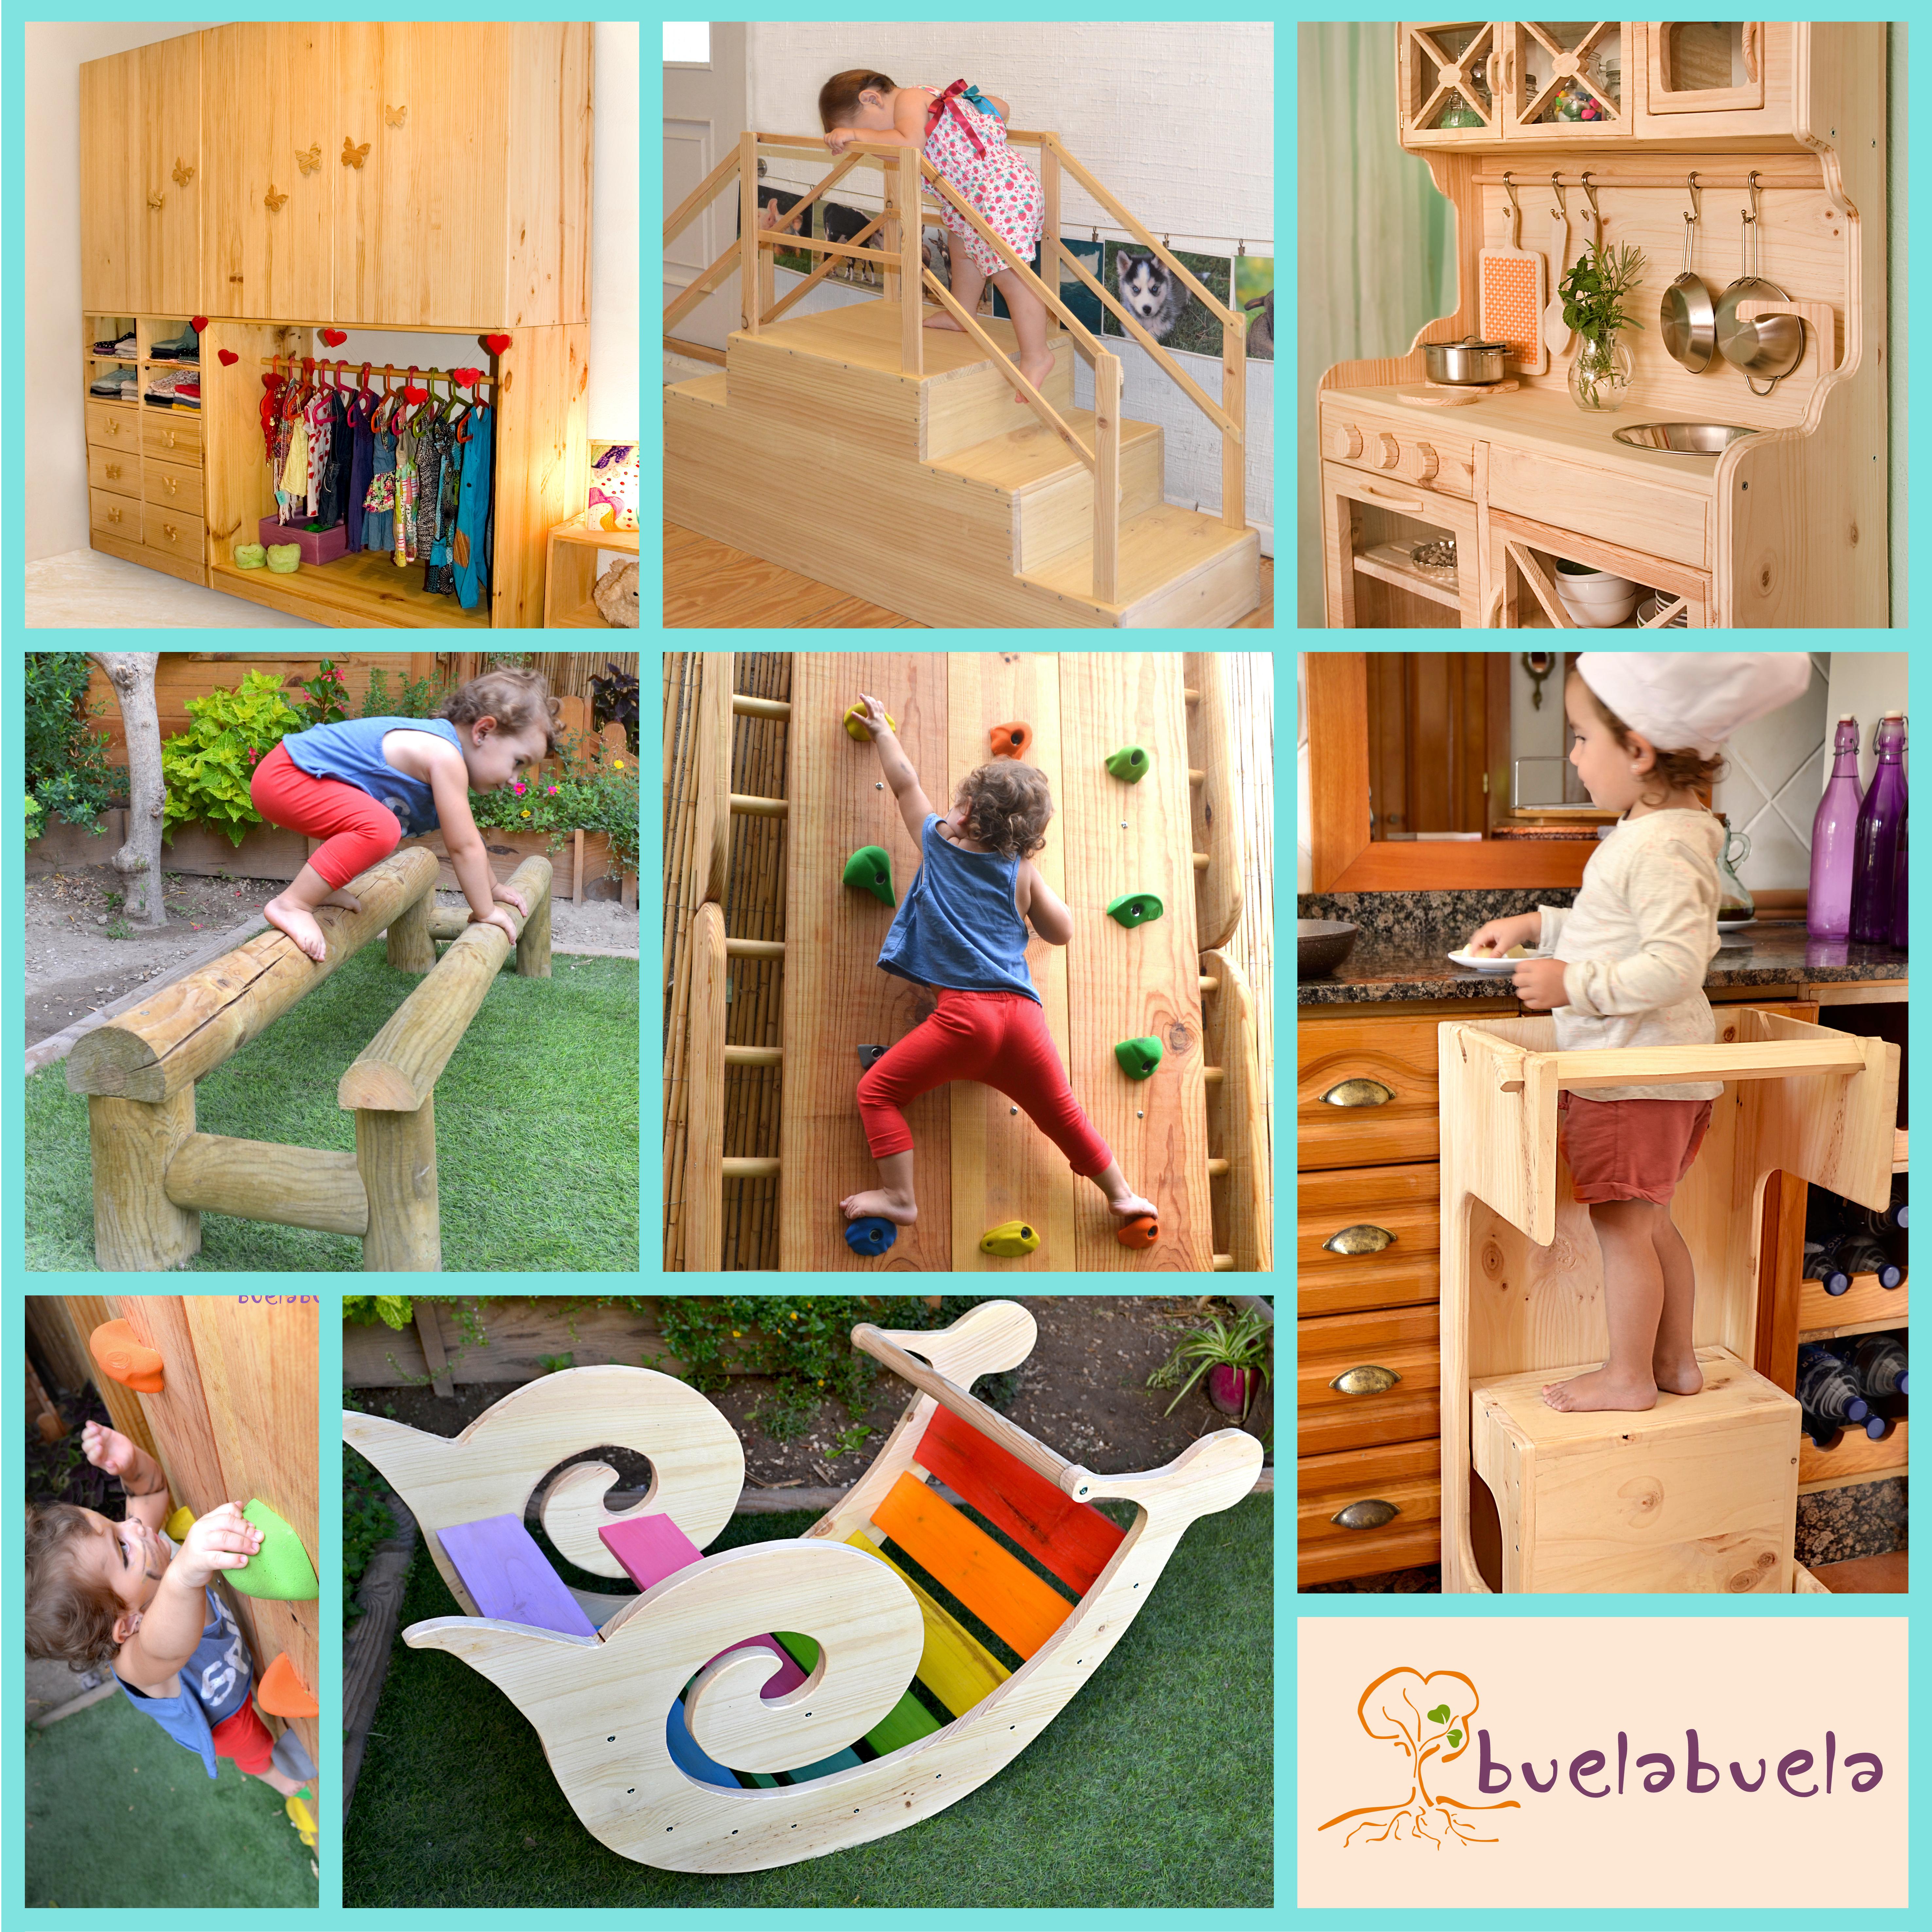 productos-buelabuela